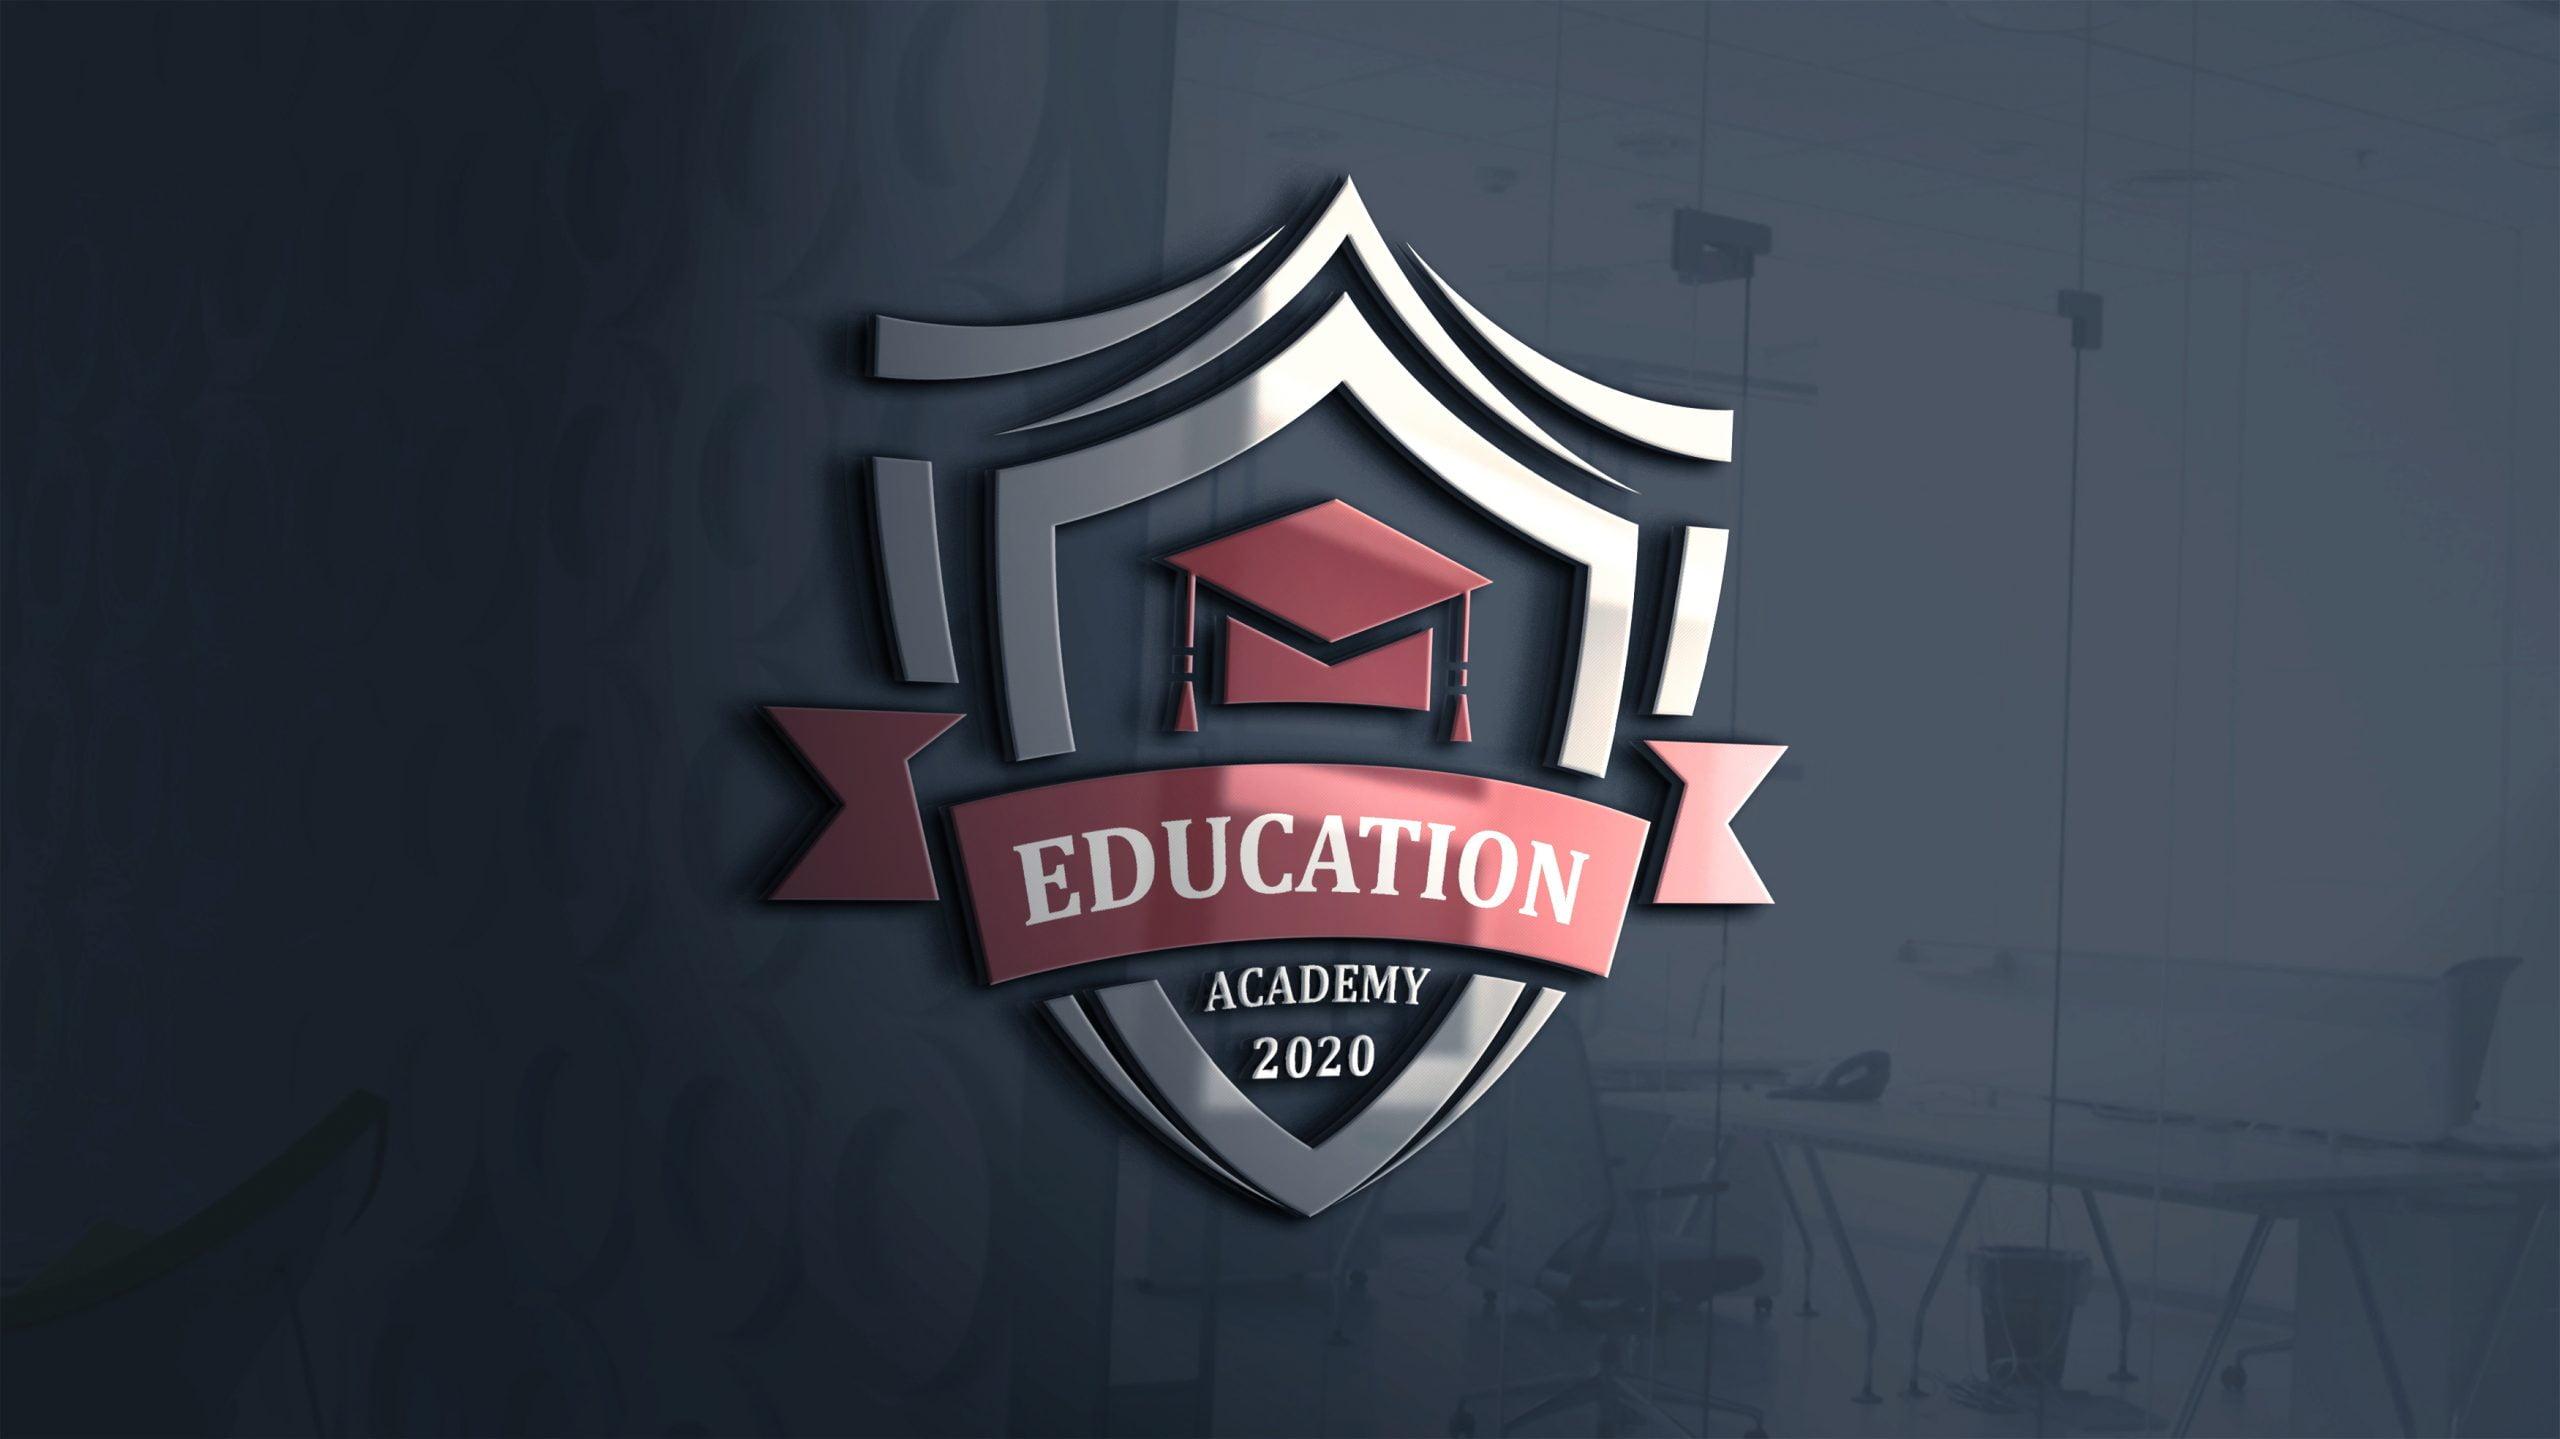 Create an Education Academy Logo